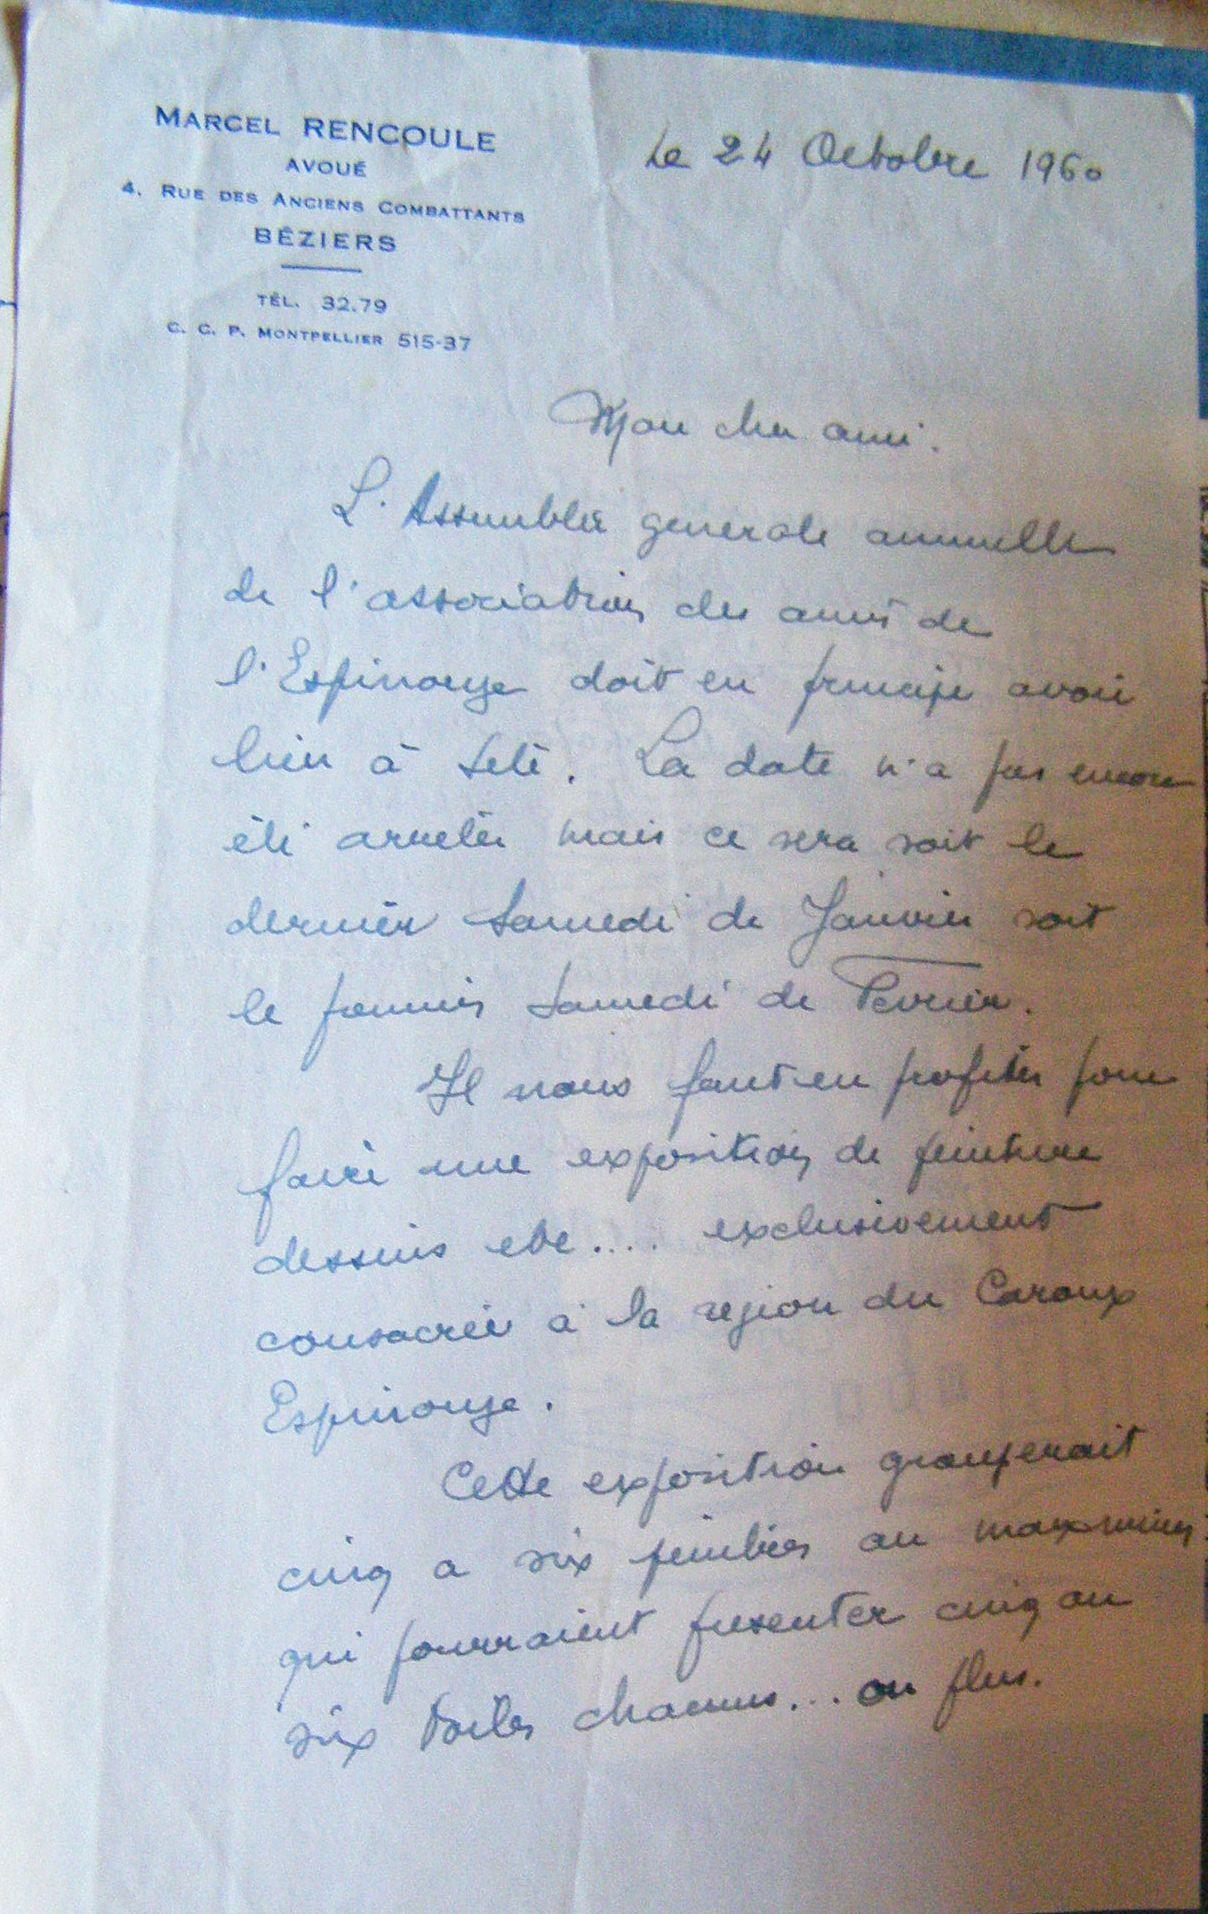 1960. M Rencoule.jpg